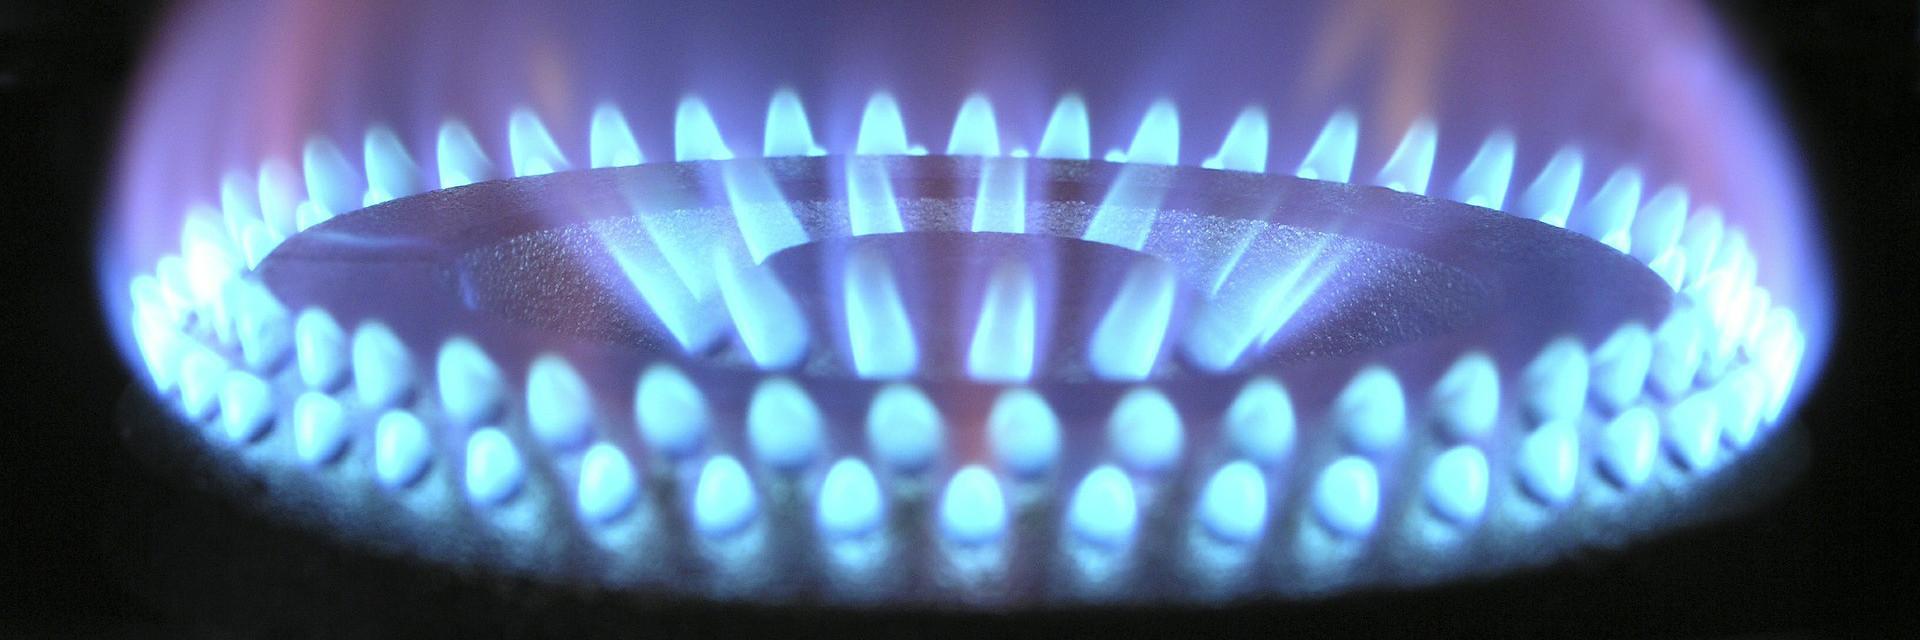 instalacje gazowe – zdjęcie palnika gazowego